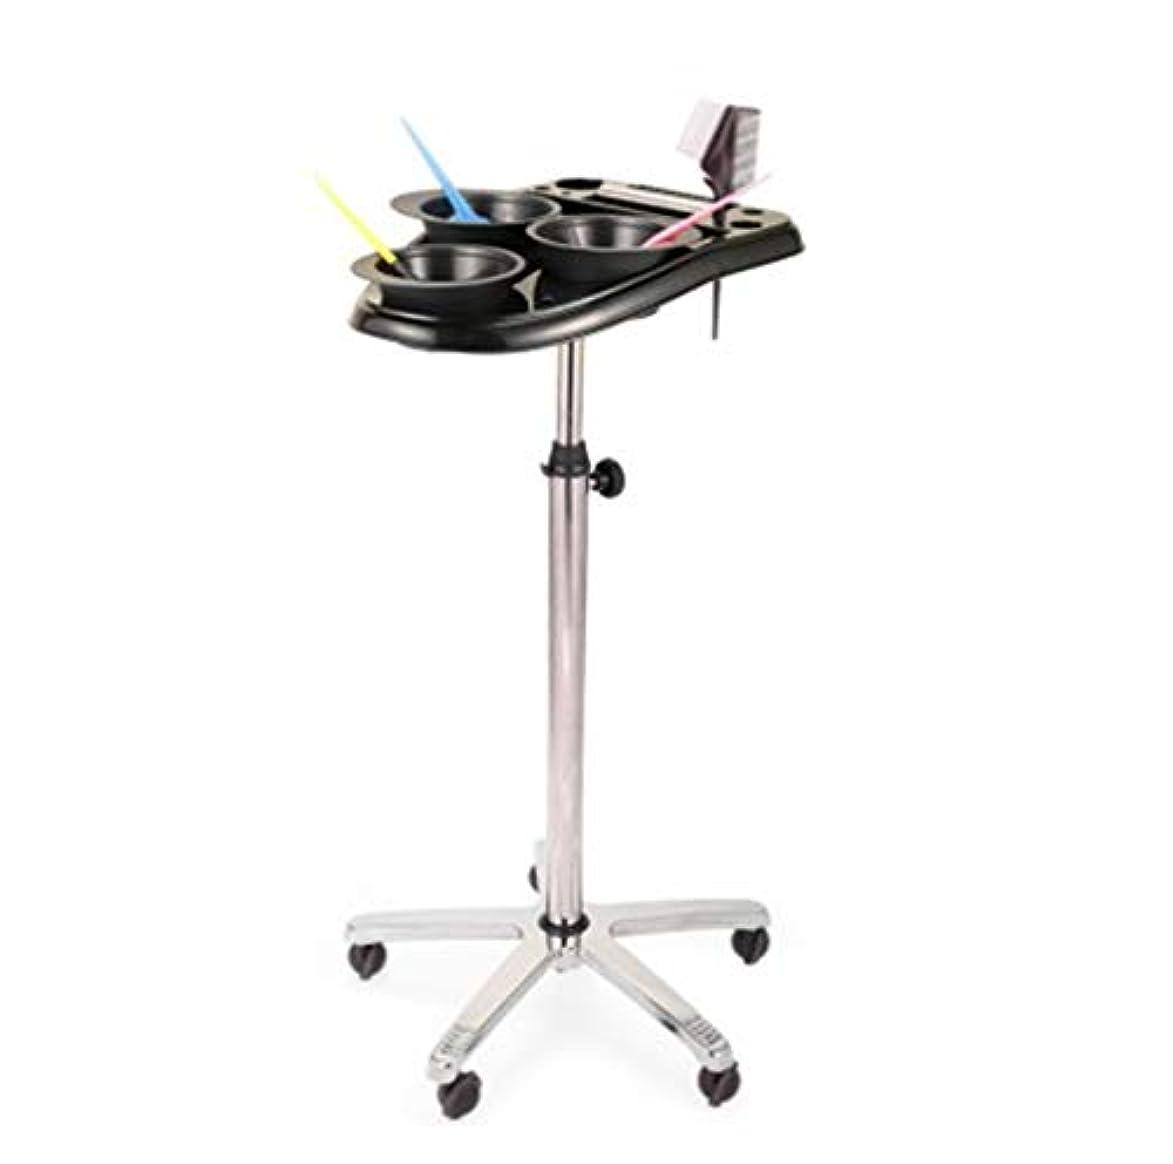 電化する関係するお父さんサロントロリー3染料ボウルローリングサロンモバイルヘアサロン楽器トレイ調節可能な高さトロリーサロン美容ヘアサービスツール